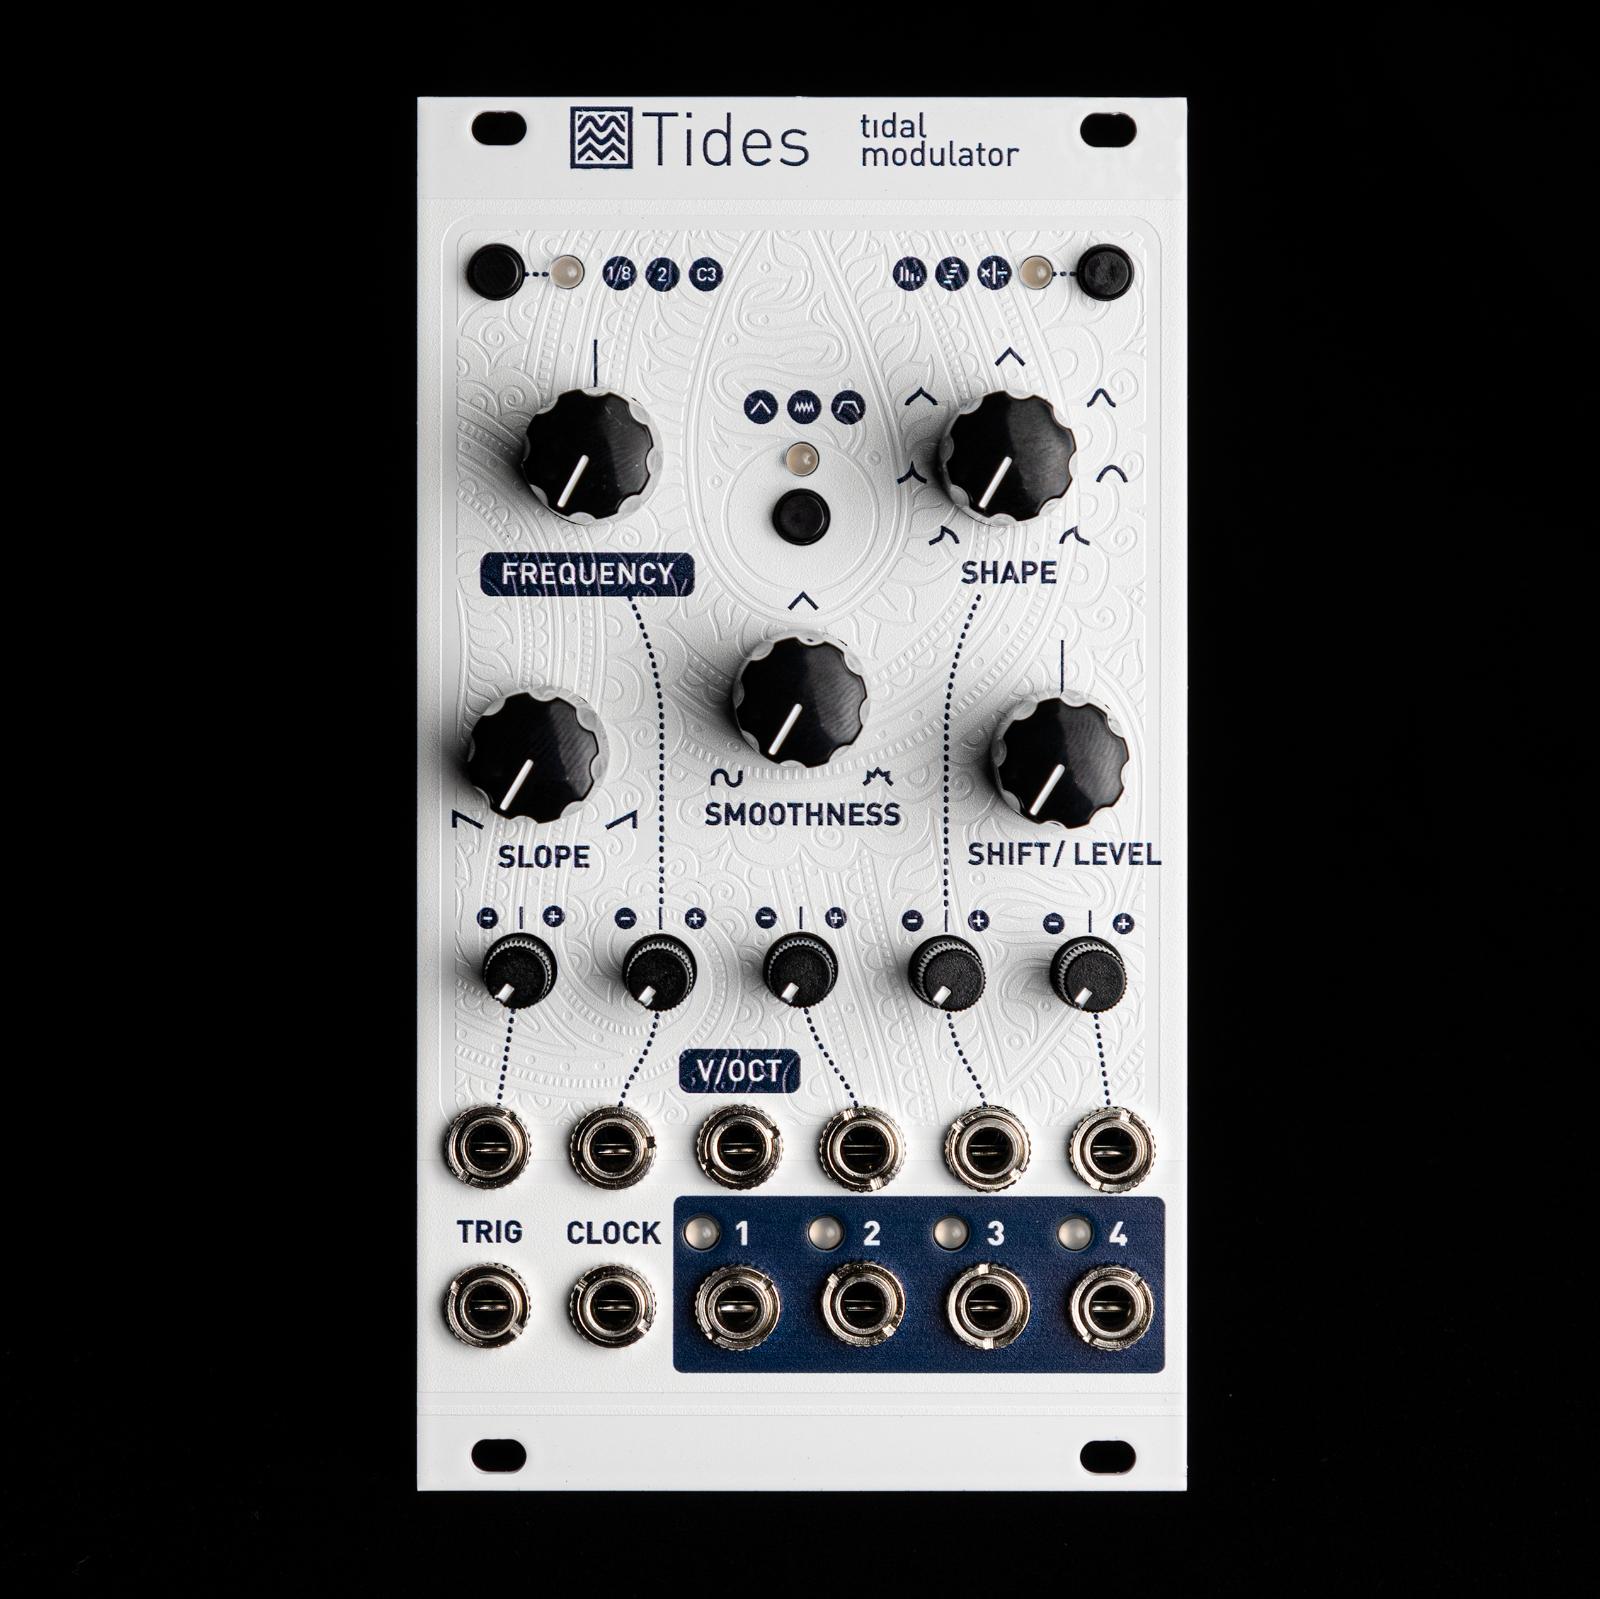 Mutable Instruments Tides v2 Eurorack SyntheGrößer Module (Weiß Magpie Texturot)